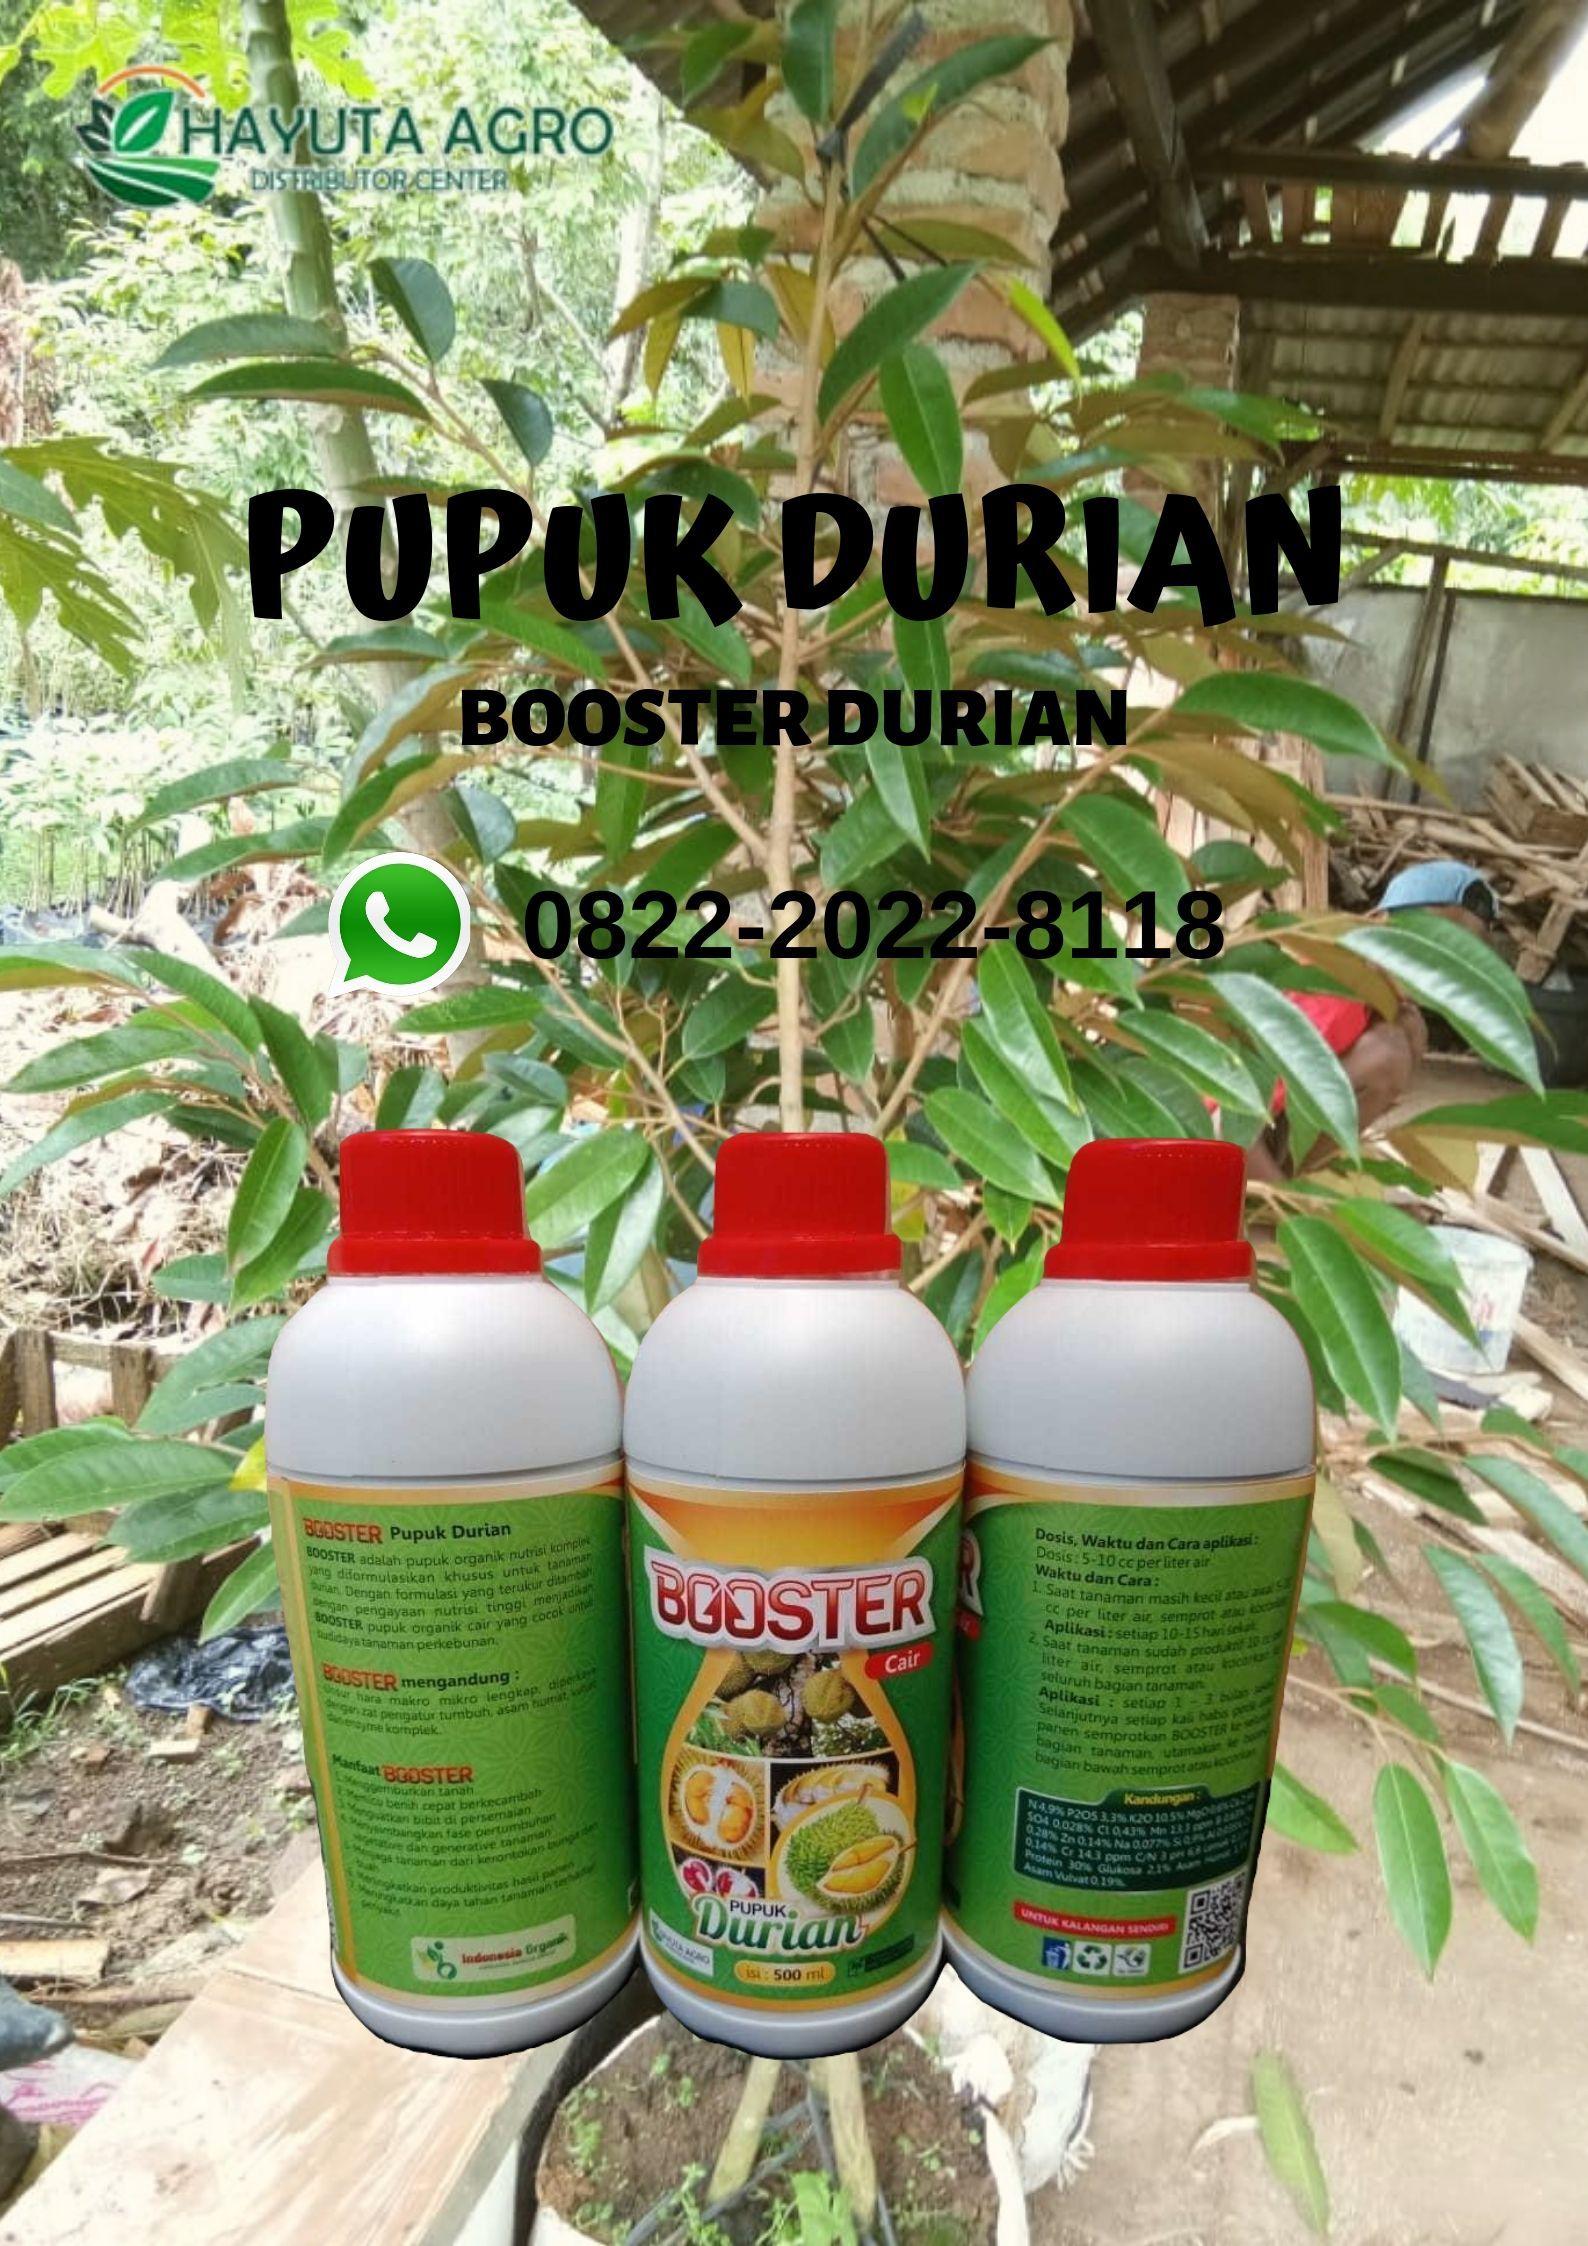 Wa O822 2o22 8ii8 Jual Pupuk Durian Berbuah Lebat Di Toraja Utara Harga Pupuk Durian Di Wajo Buah Tanaman Kepulauan